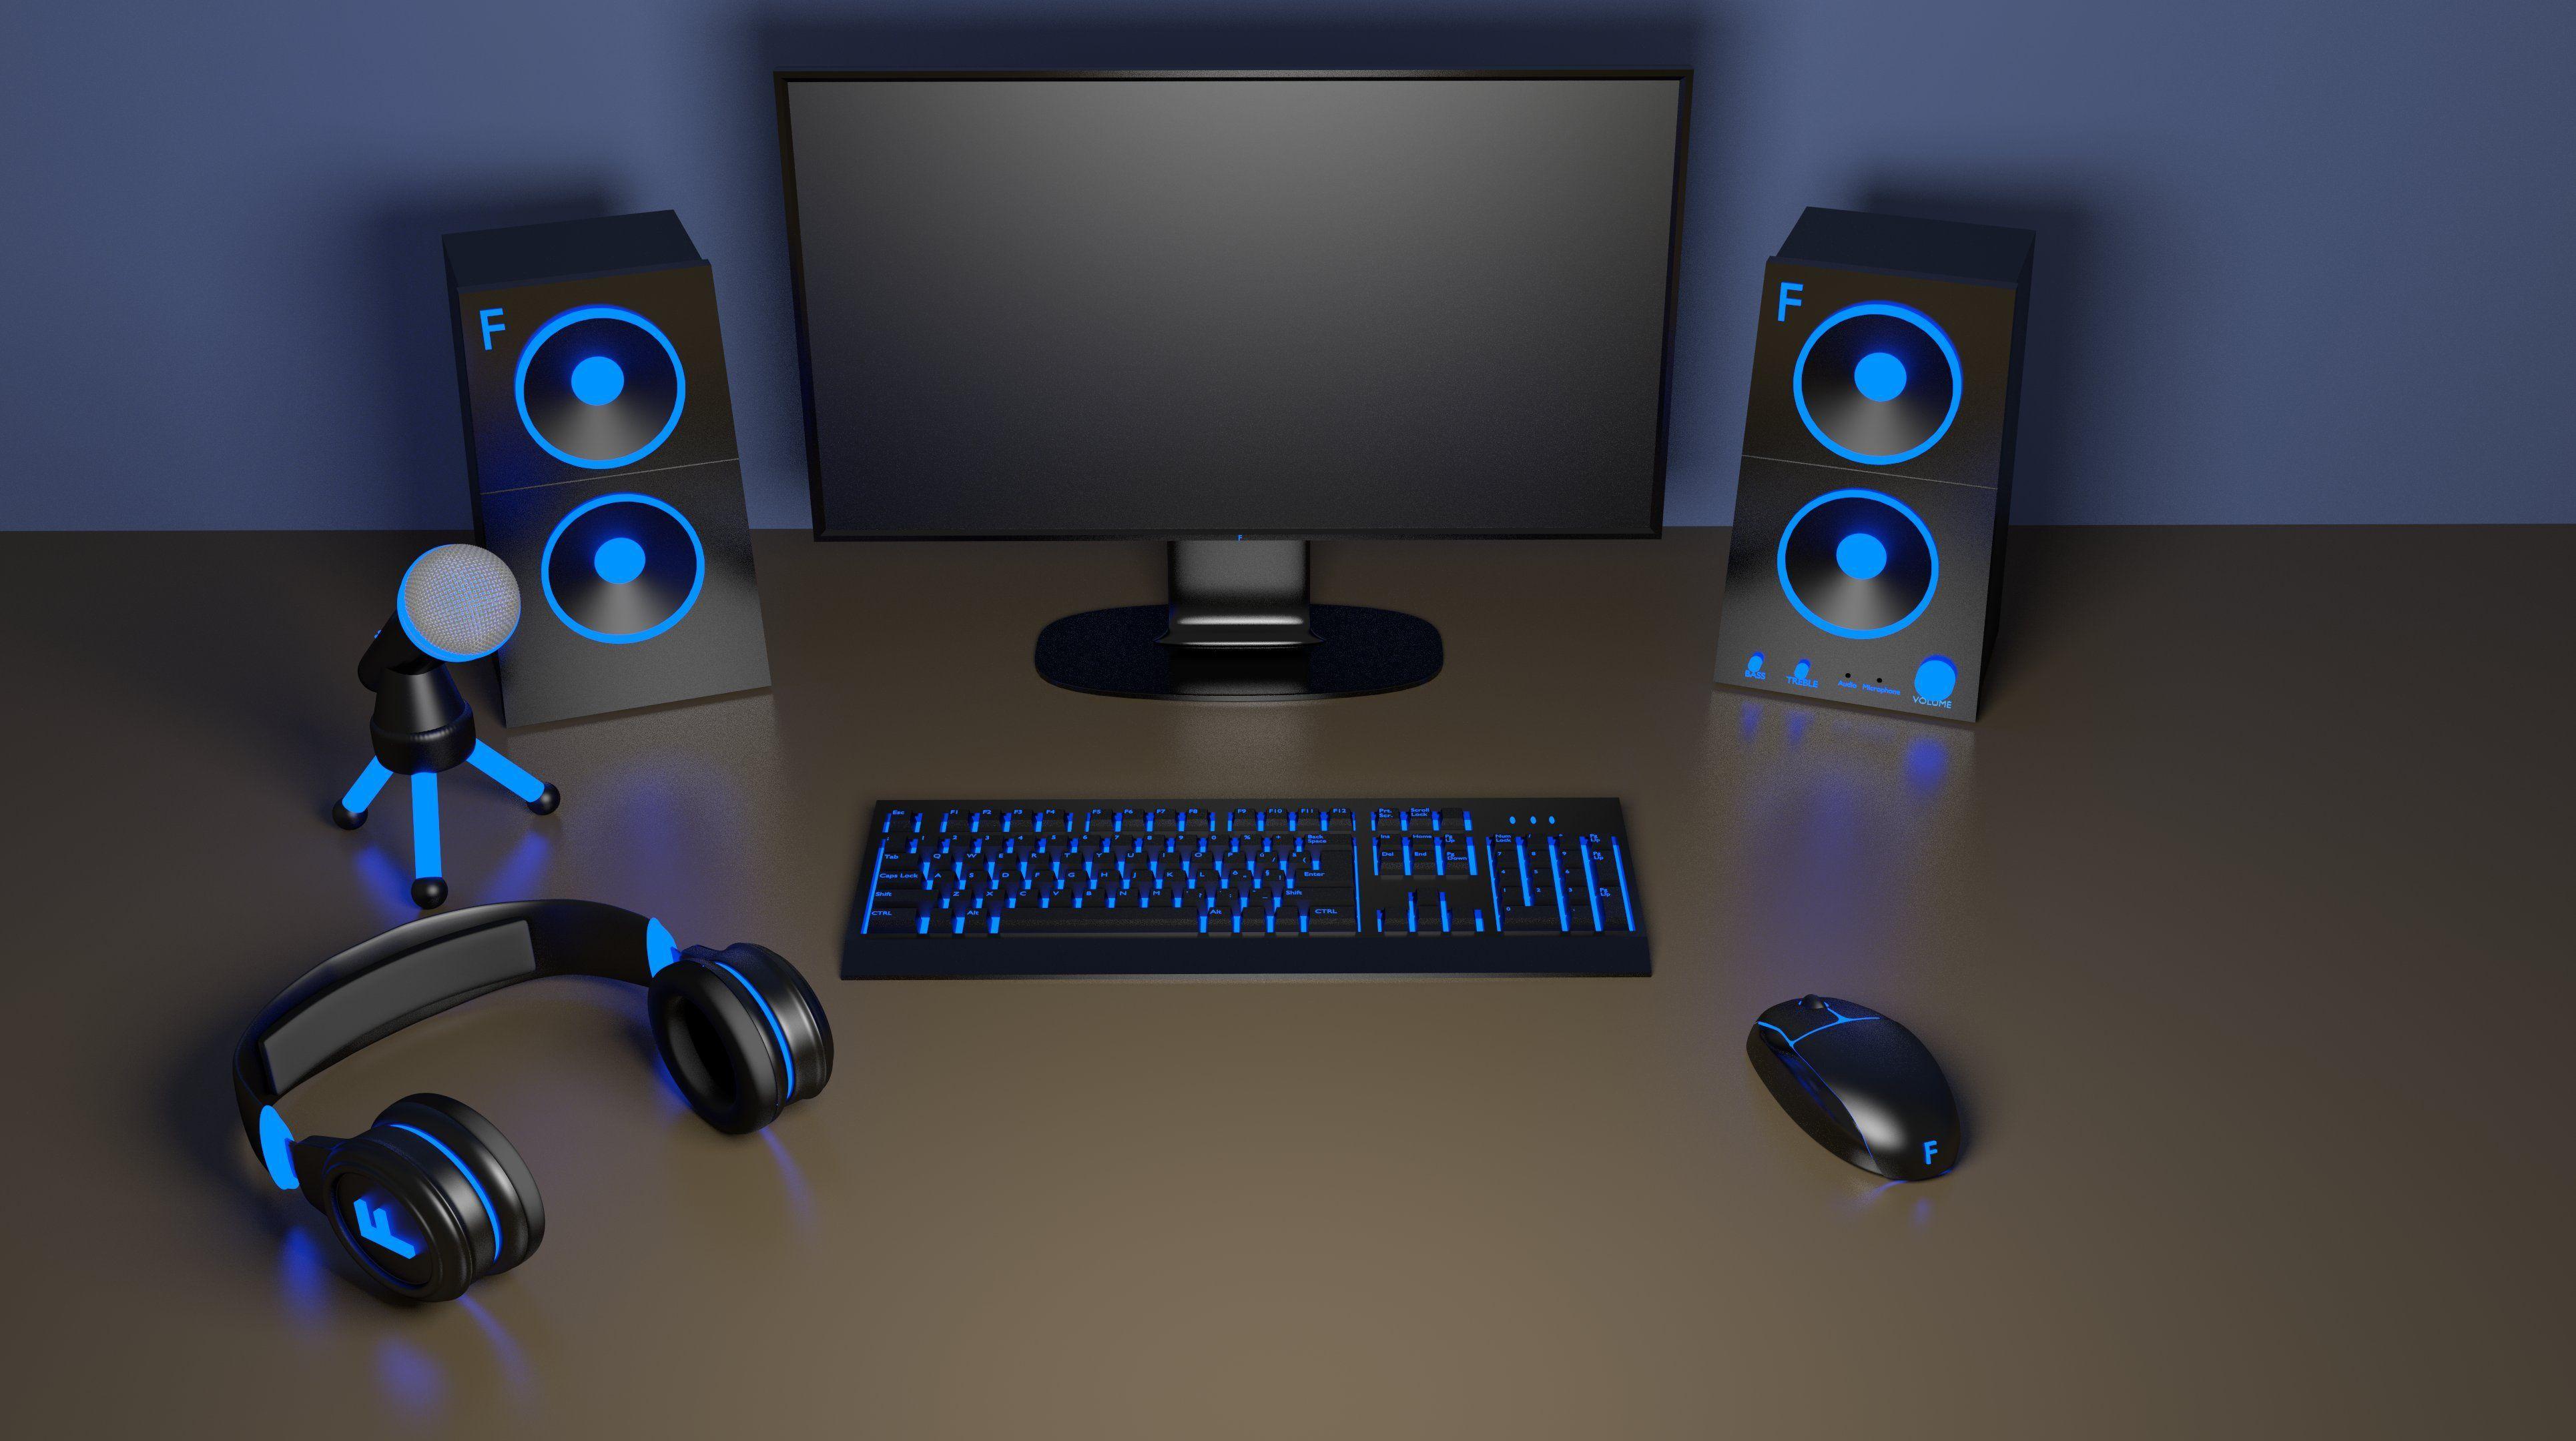 Computer setup headphones mouse keyboard mechanical